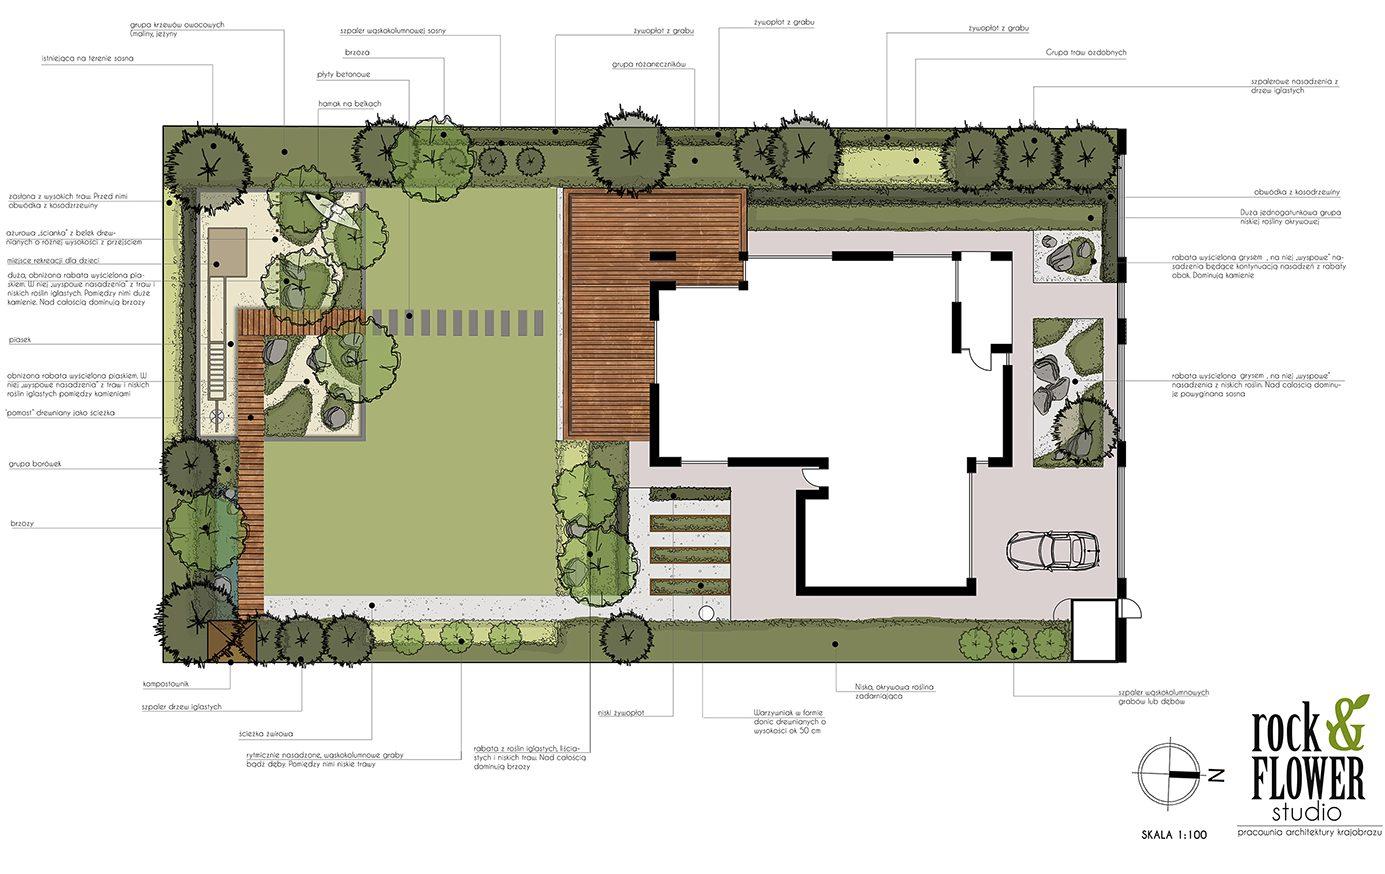 nowoczesny ogród w Poznaniu Rockandflower studio Rock&flowerstudio rfstudio projektowanie ogrodów